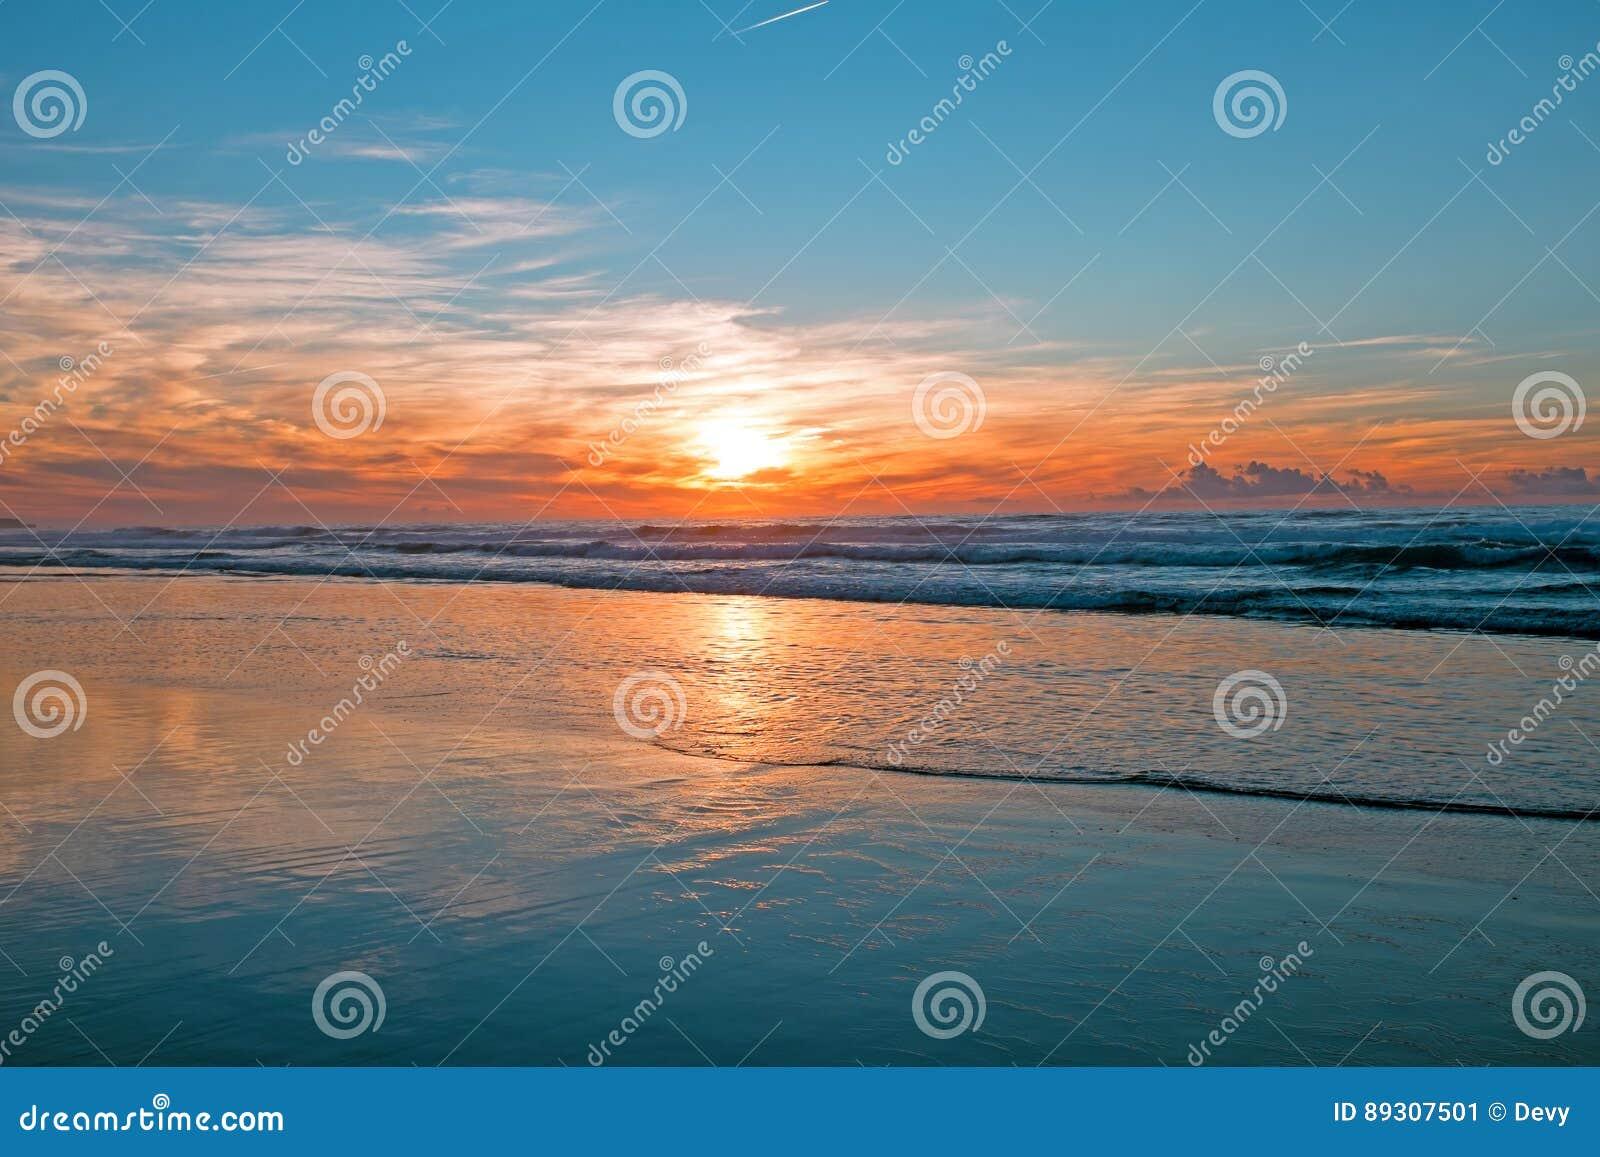 Puesta del sol increíble en el Océano Atlántico en Portugal